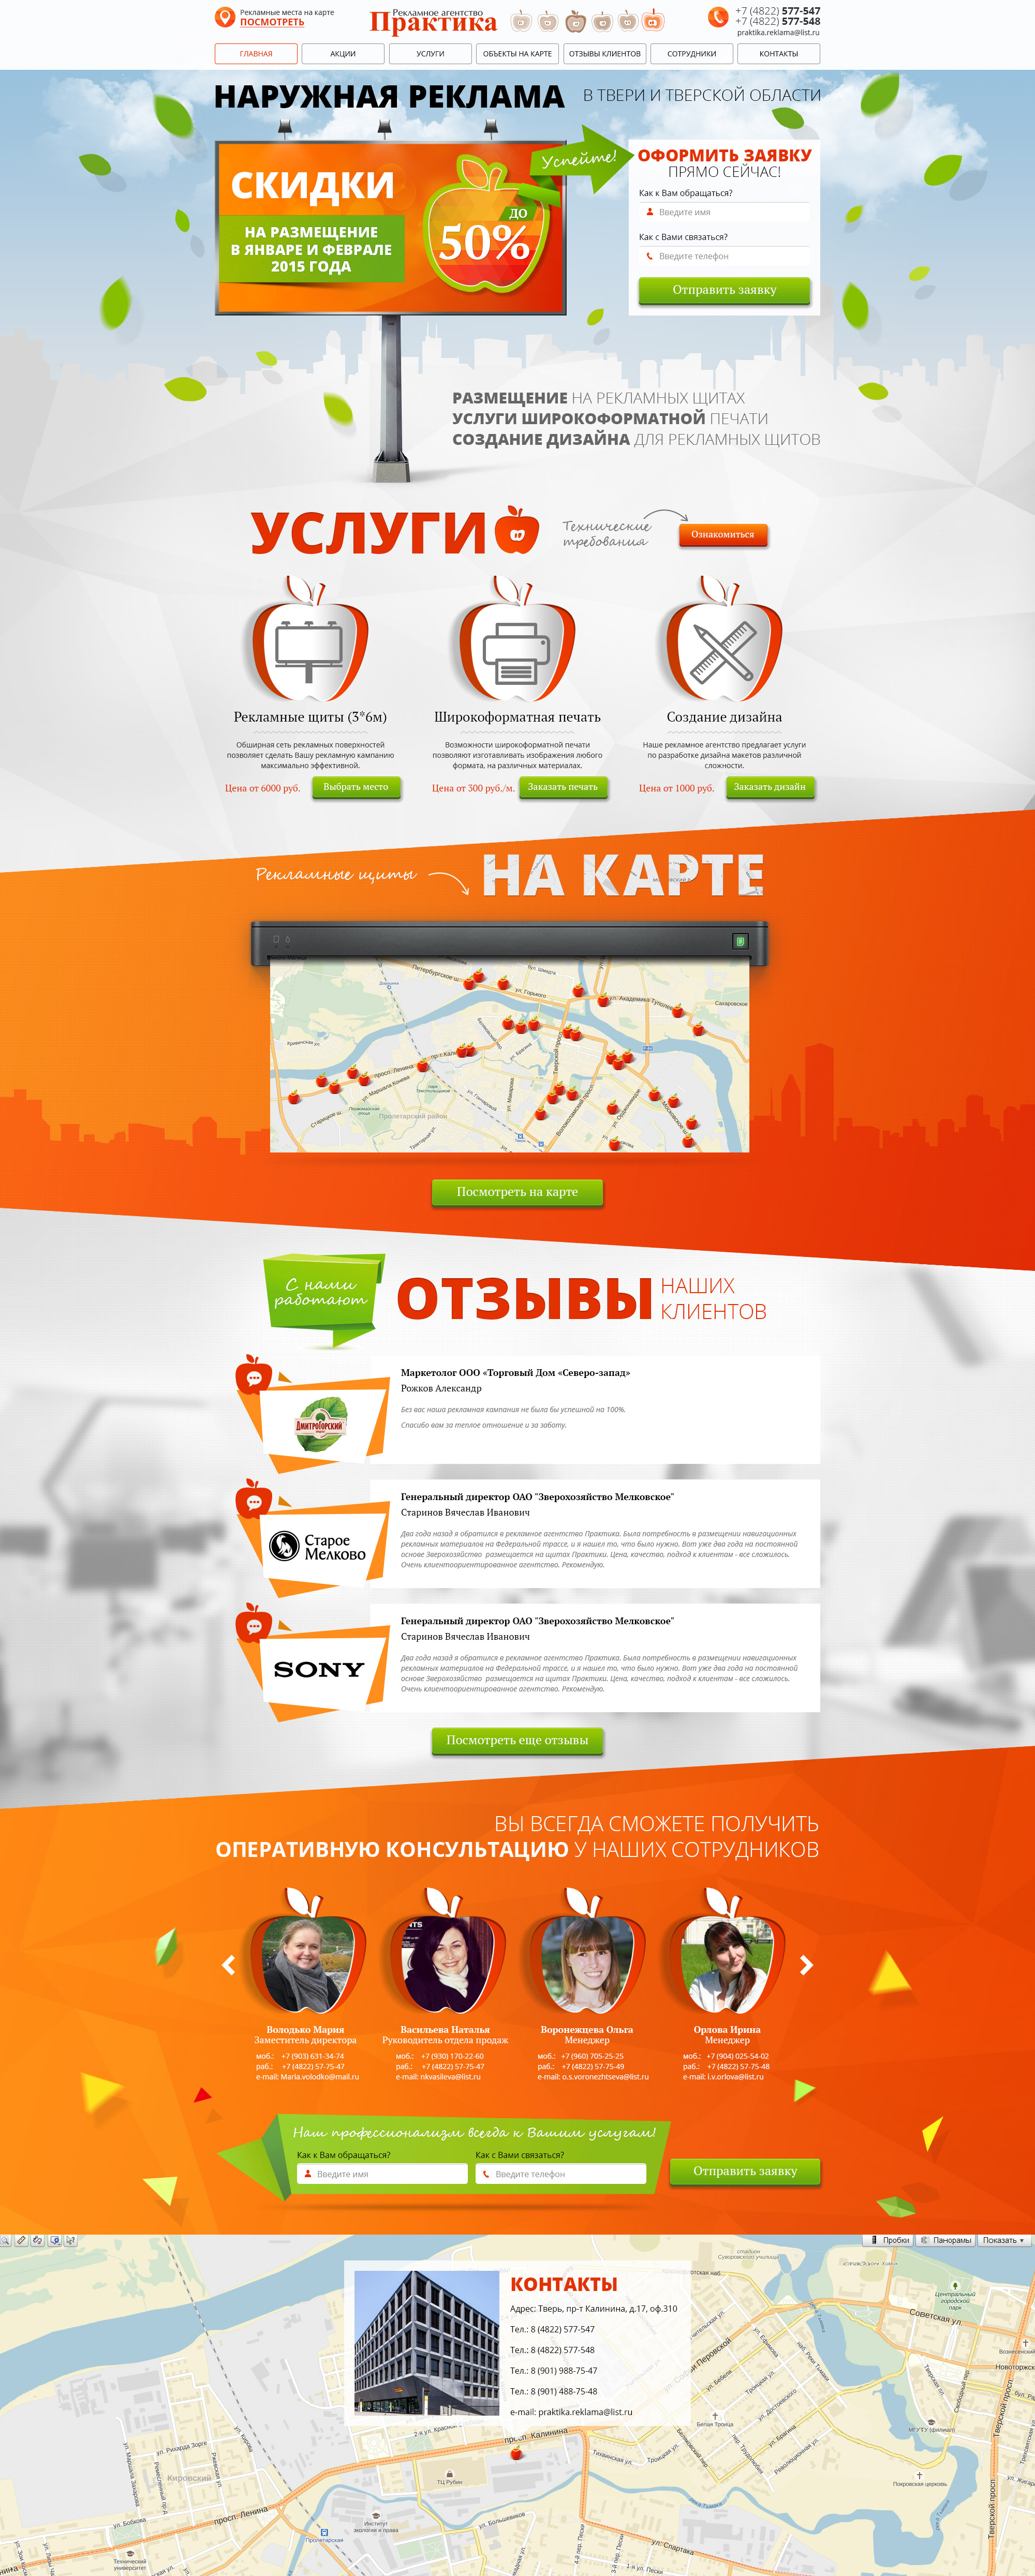 Рекламное агентство Практика (Landing Page)